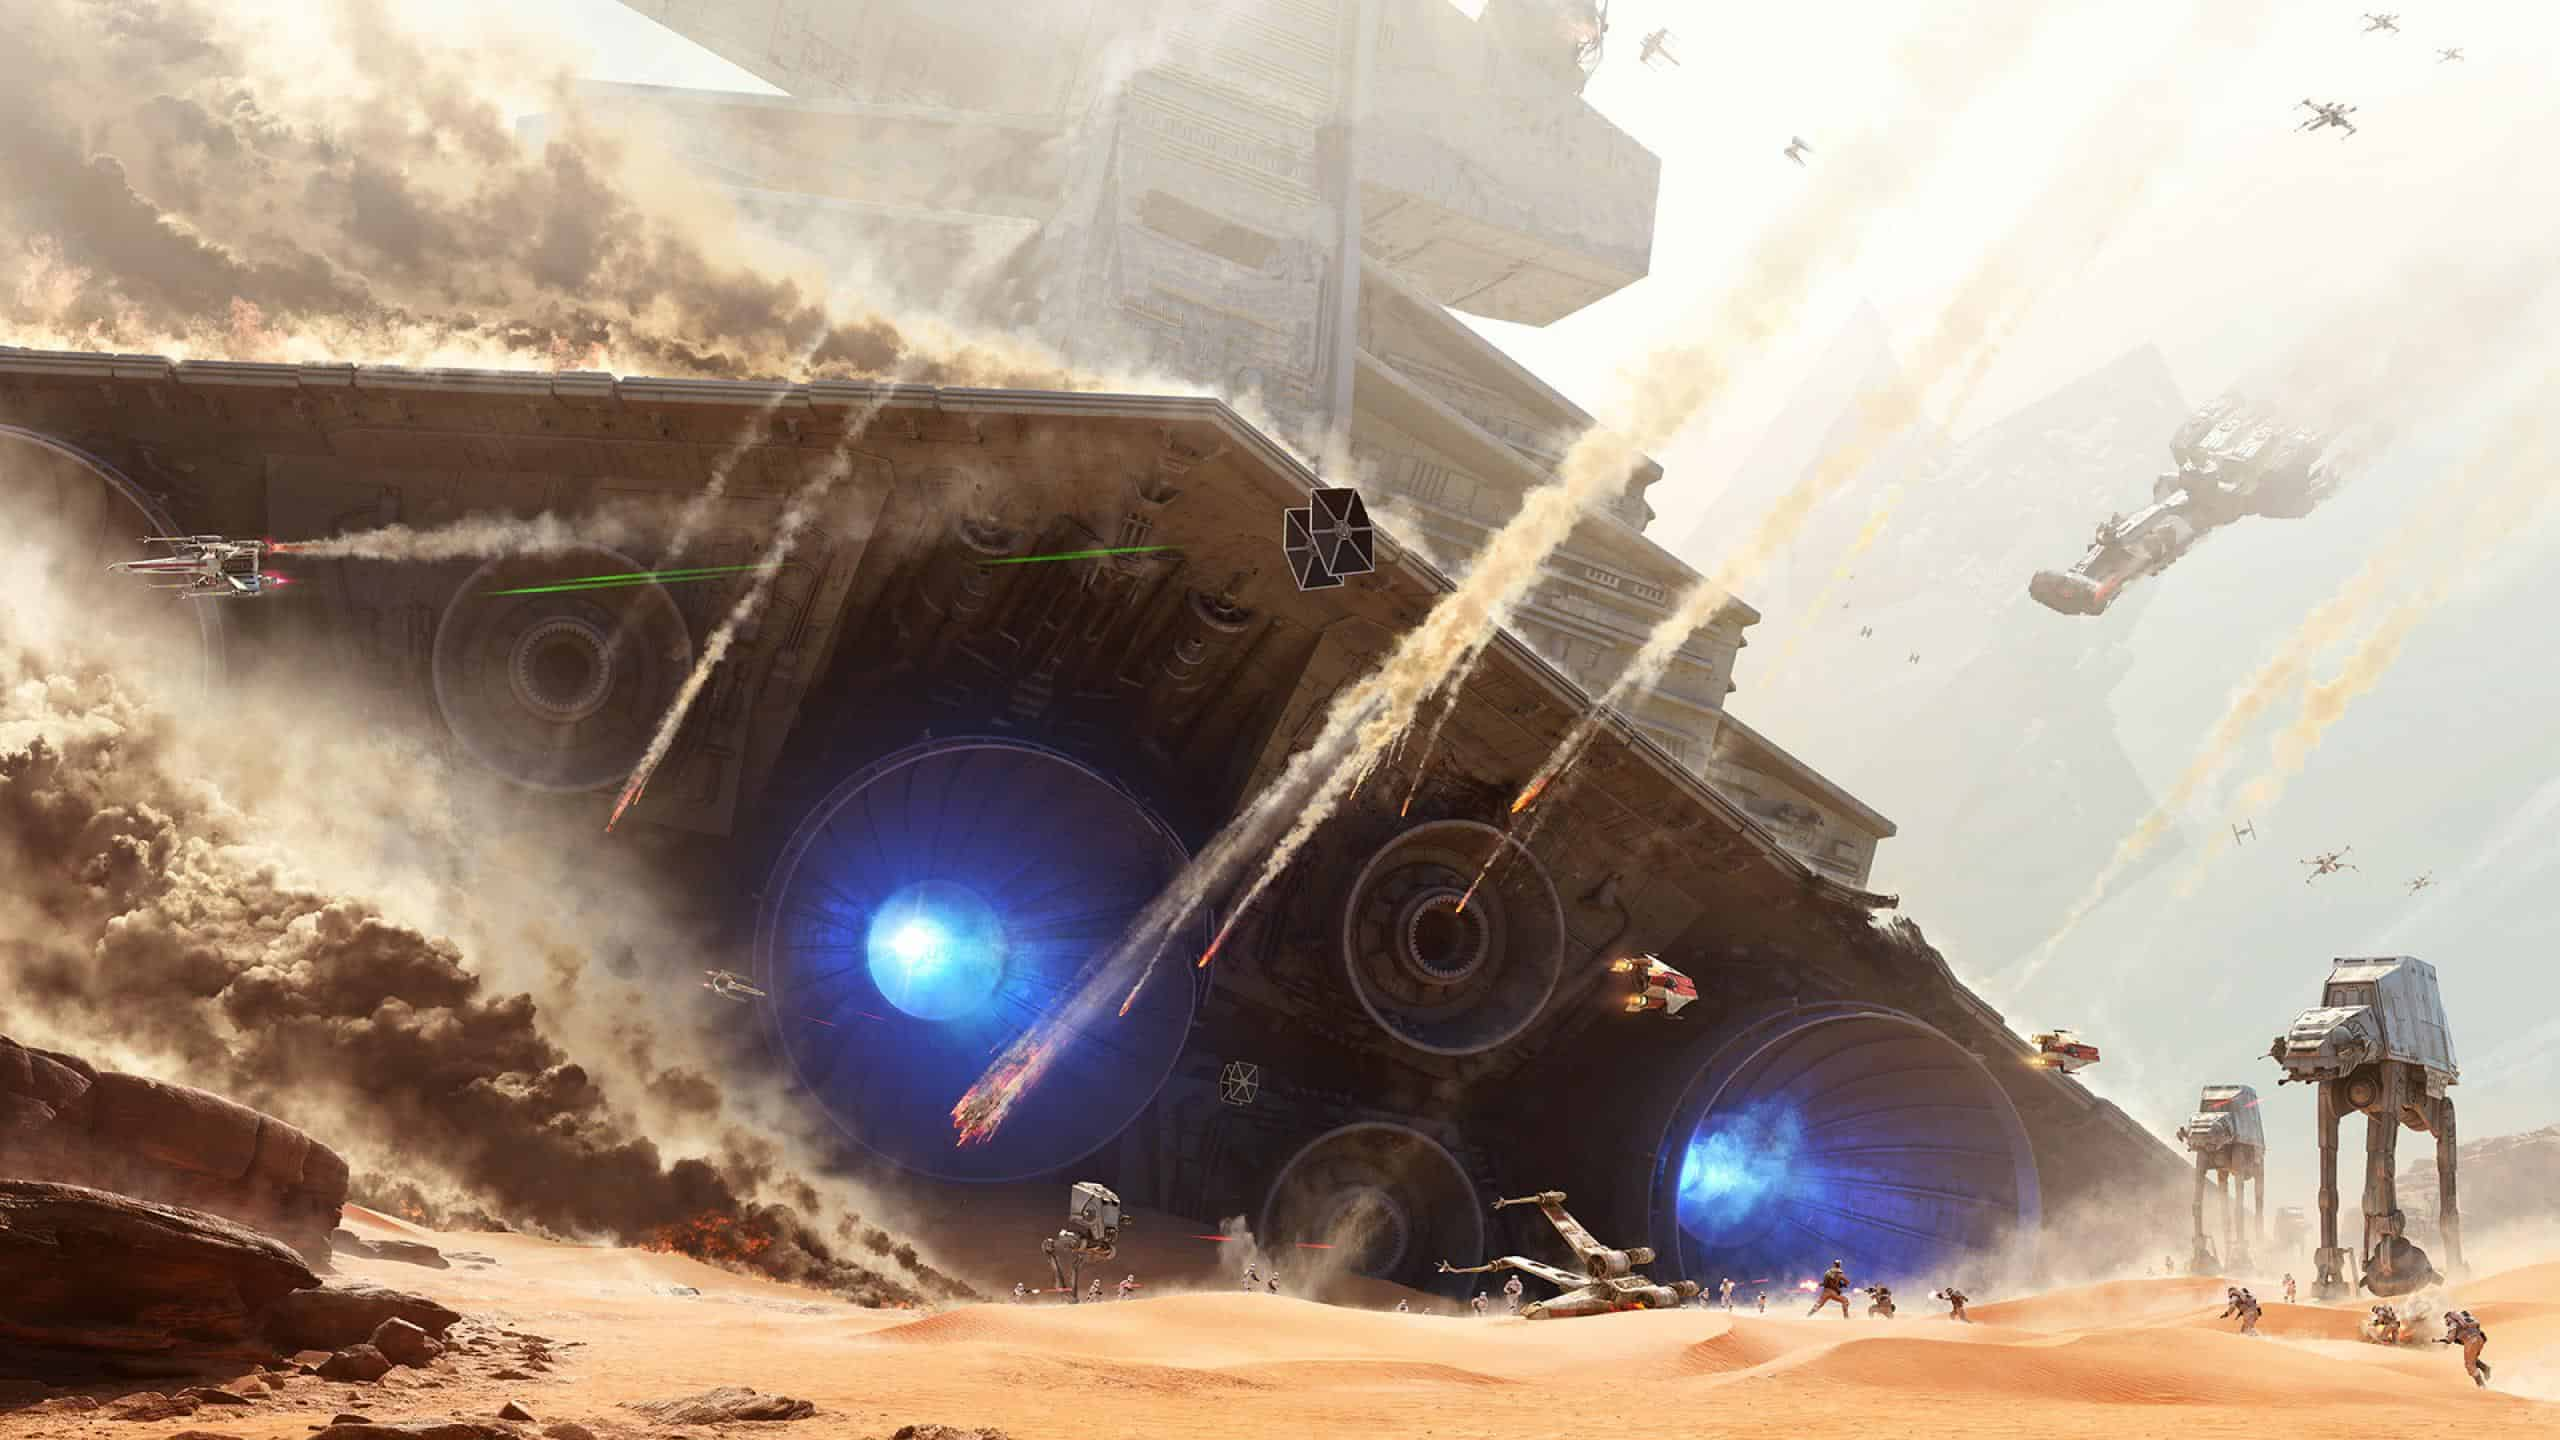 star wars battlefront battle of jakku wqhd 1440p wallpaper